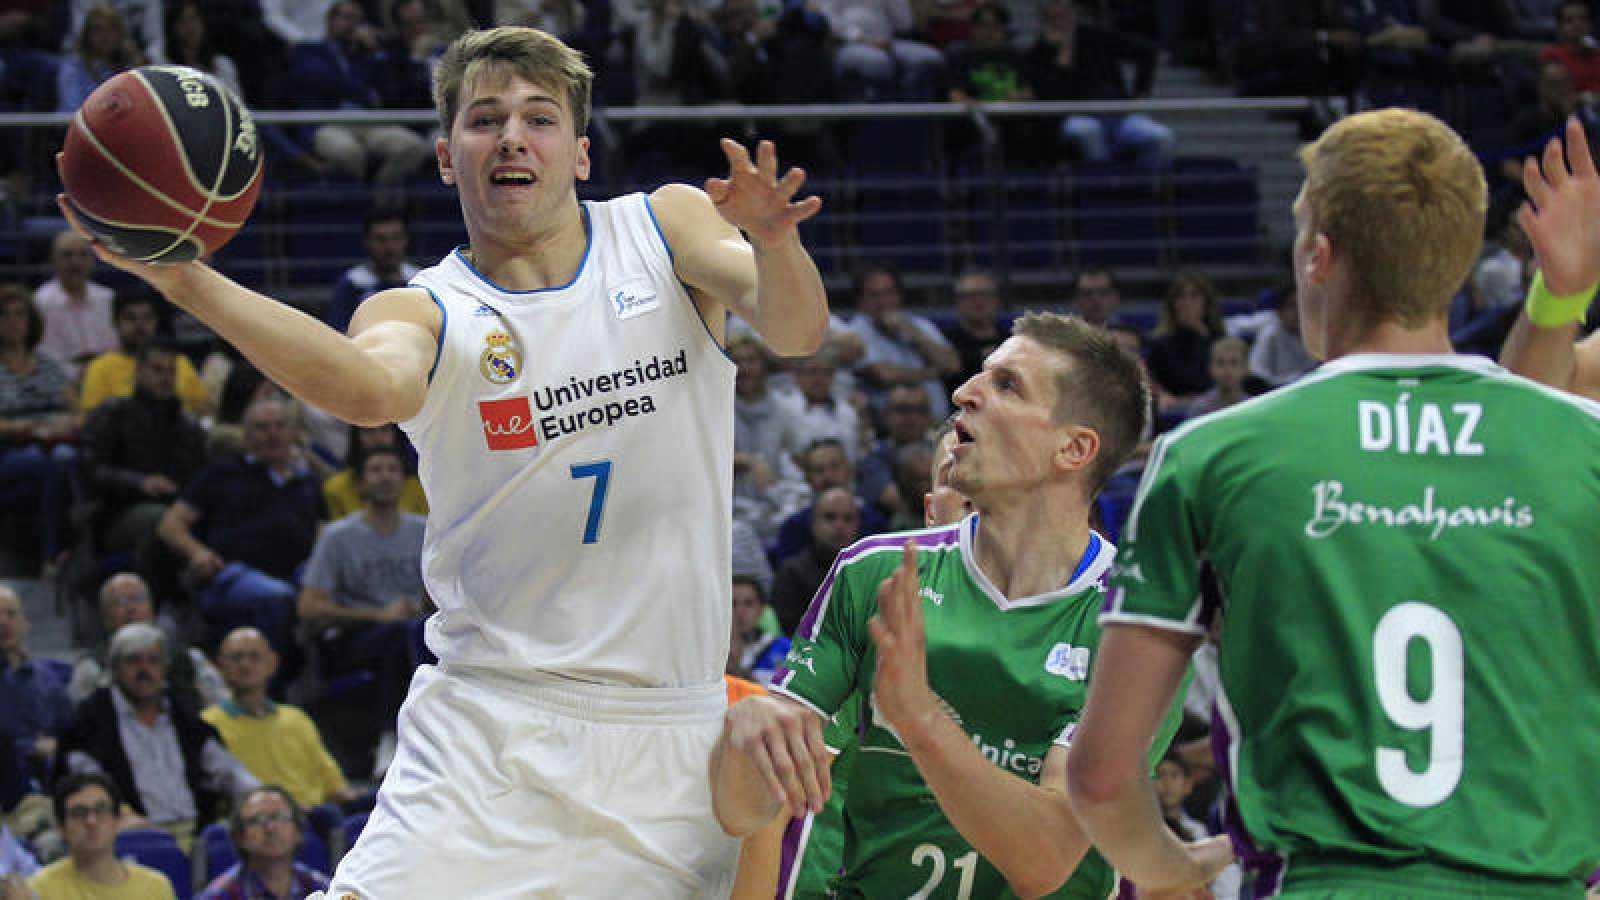 El base esloveno del Real Madrid Luka Doncic (i) intenta avanzar ante el alero polaco del Unicaja Adam Waczynski (2i).